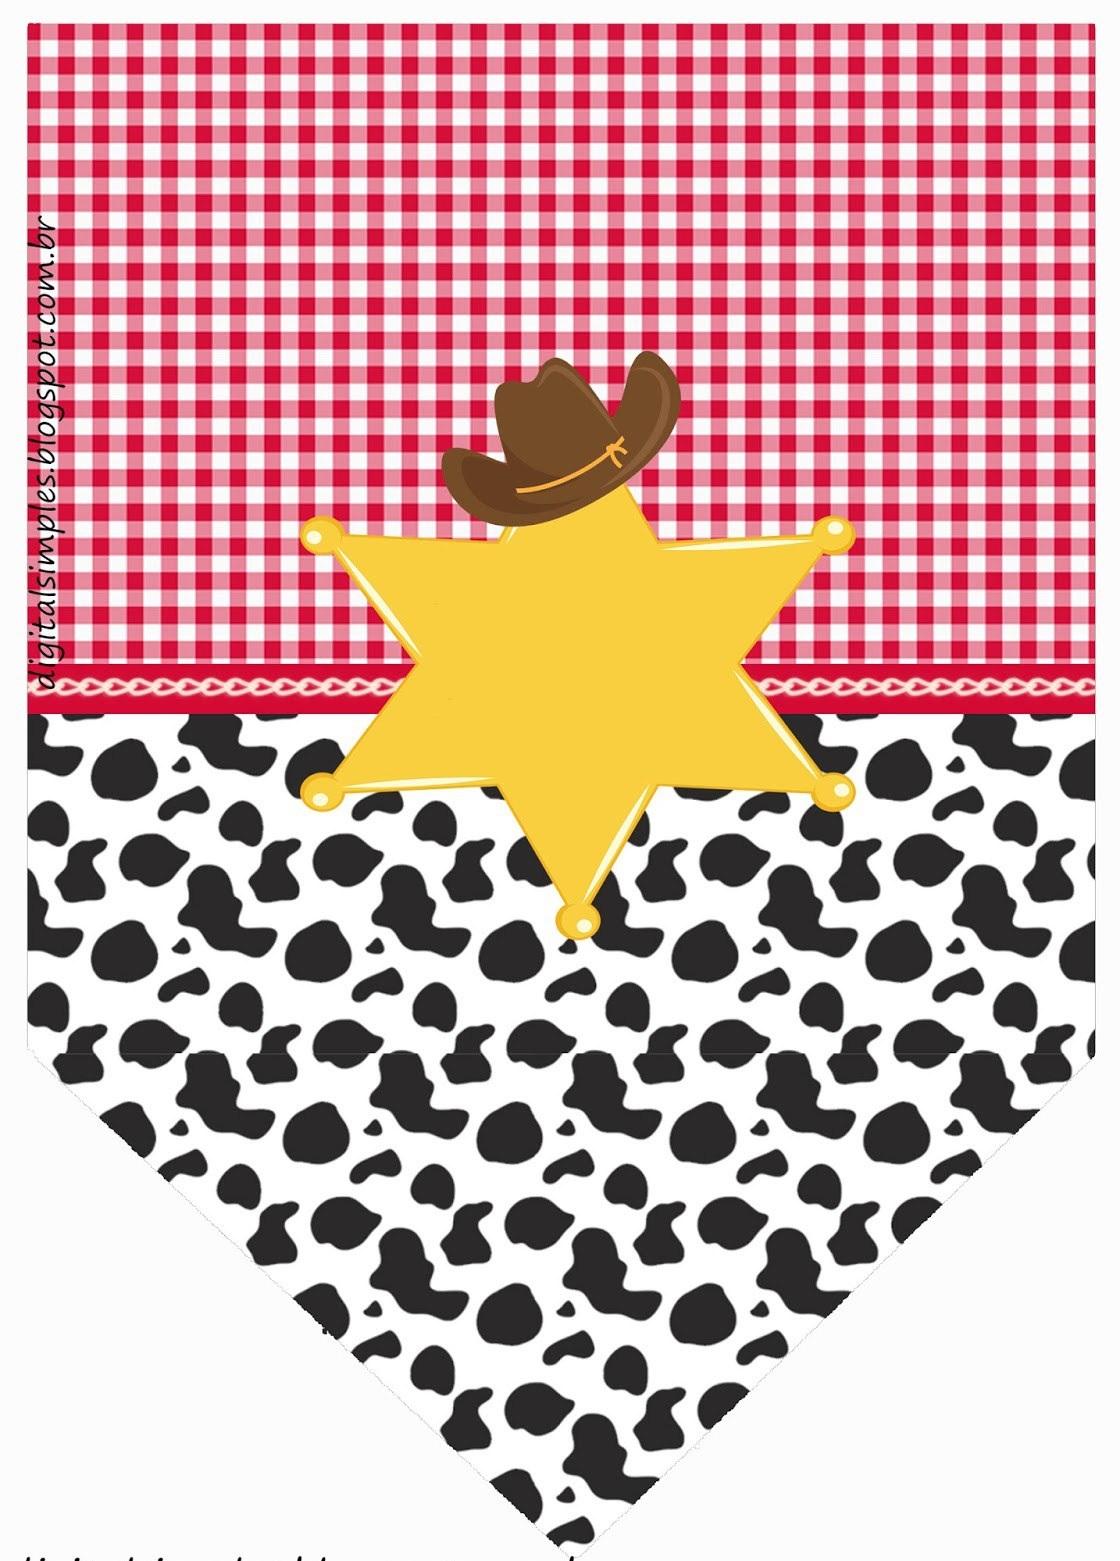 Plantillas para fiesta de vaqueros gratis para imprimir